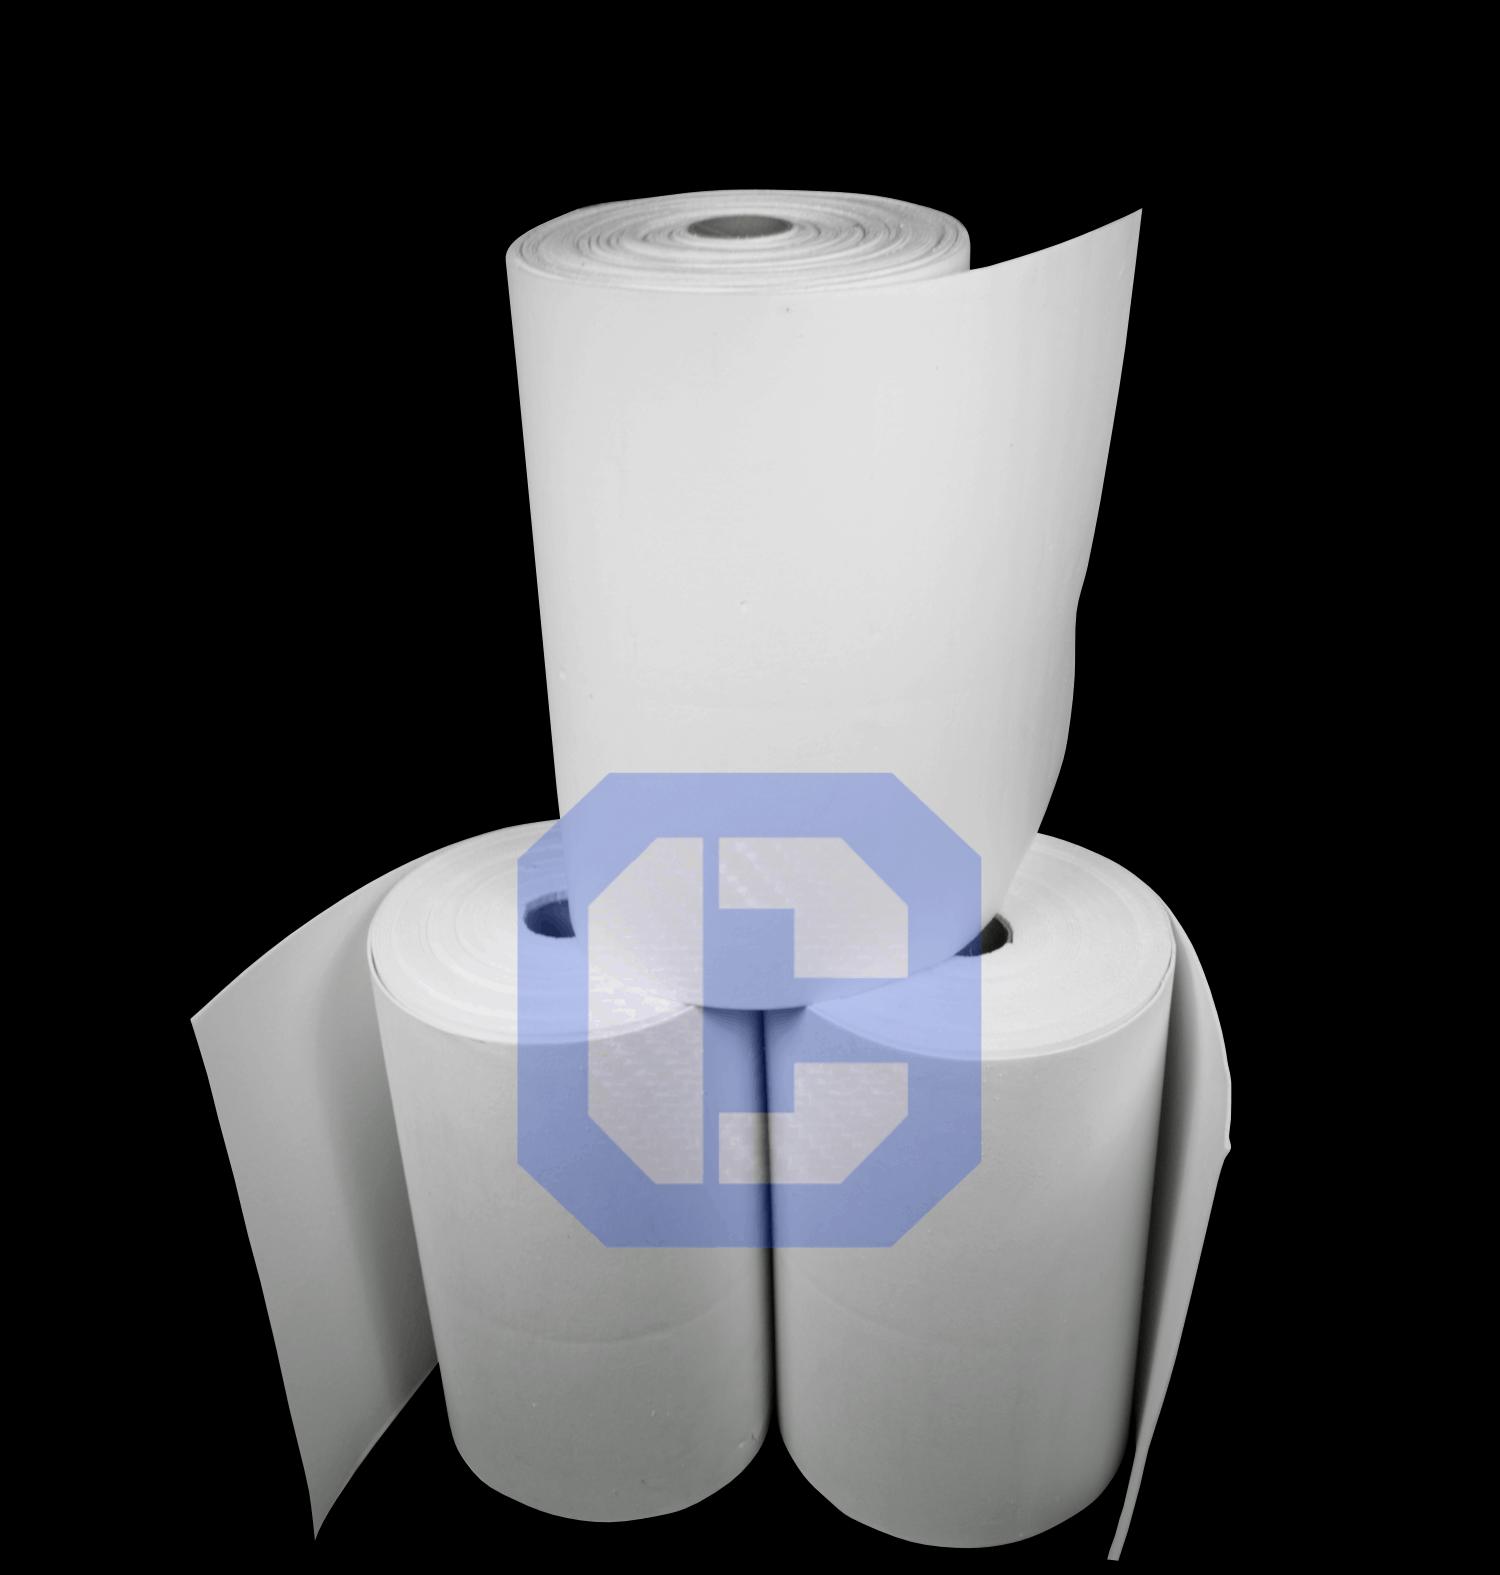 Ceramic Fiber Paper from CeraMaterials